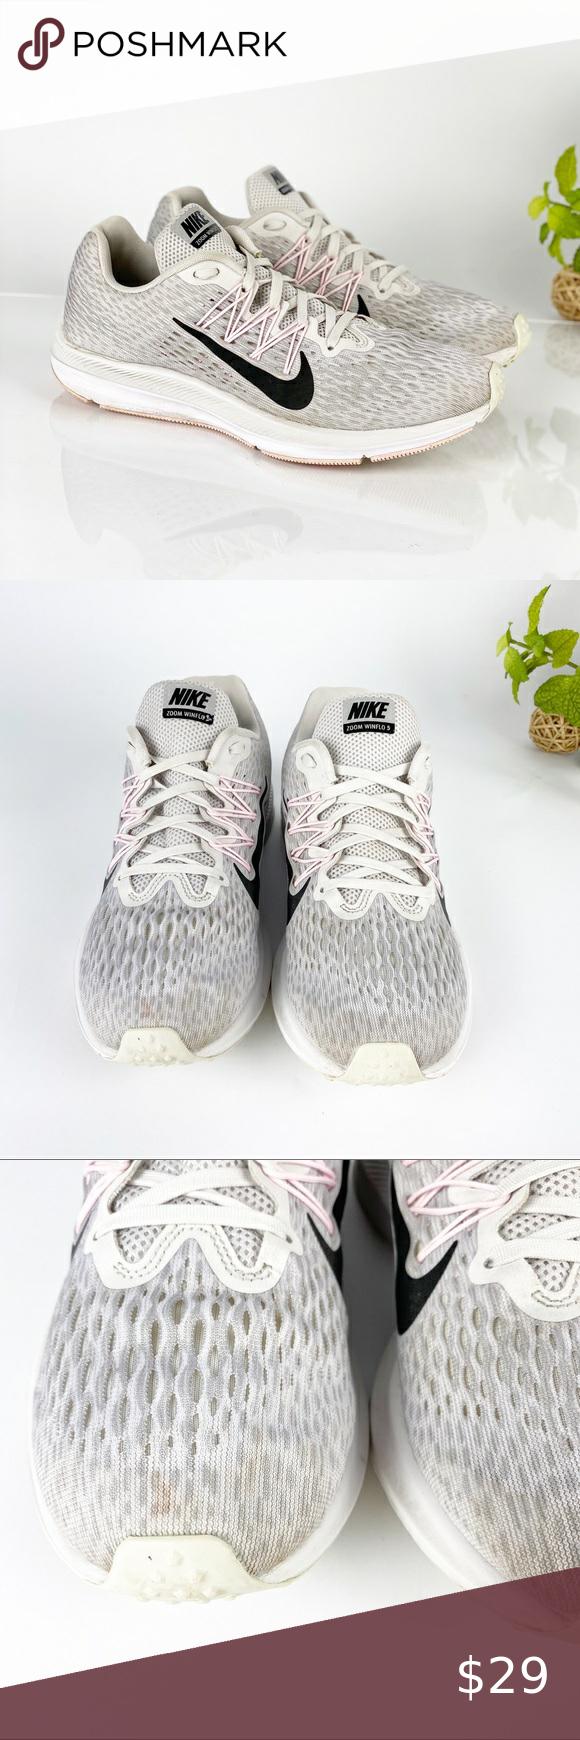 Nike Air Zoom Winflo 5 Running Shoe Vast Grey Pink in 2020 ...